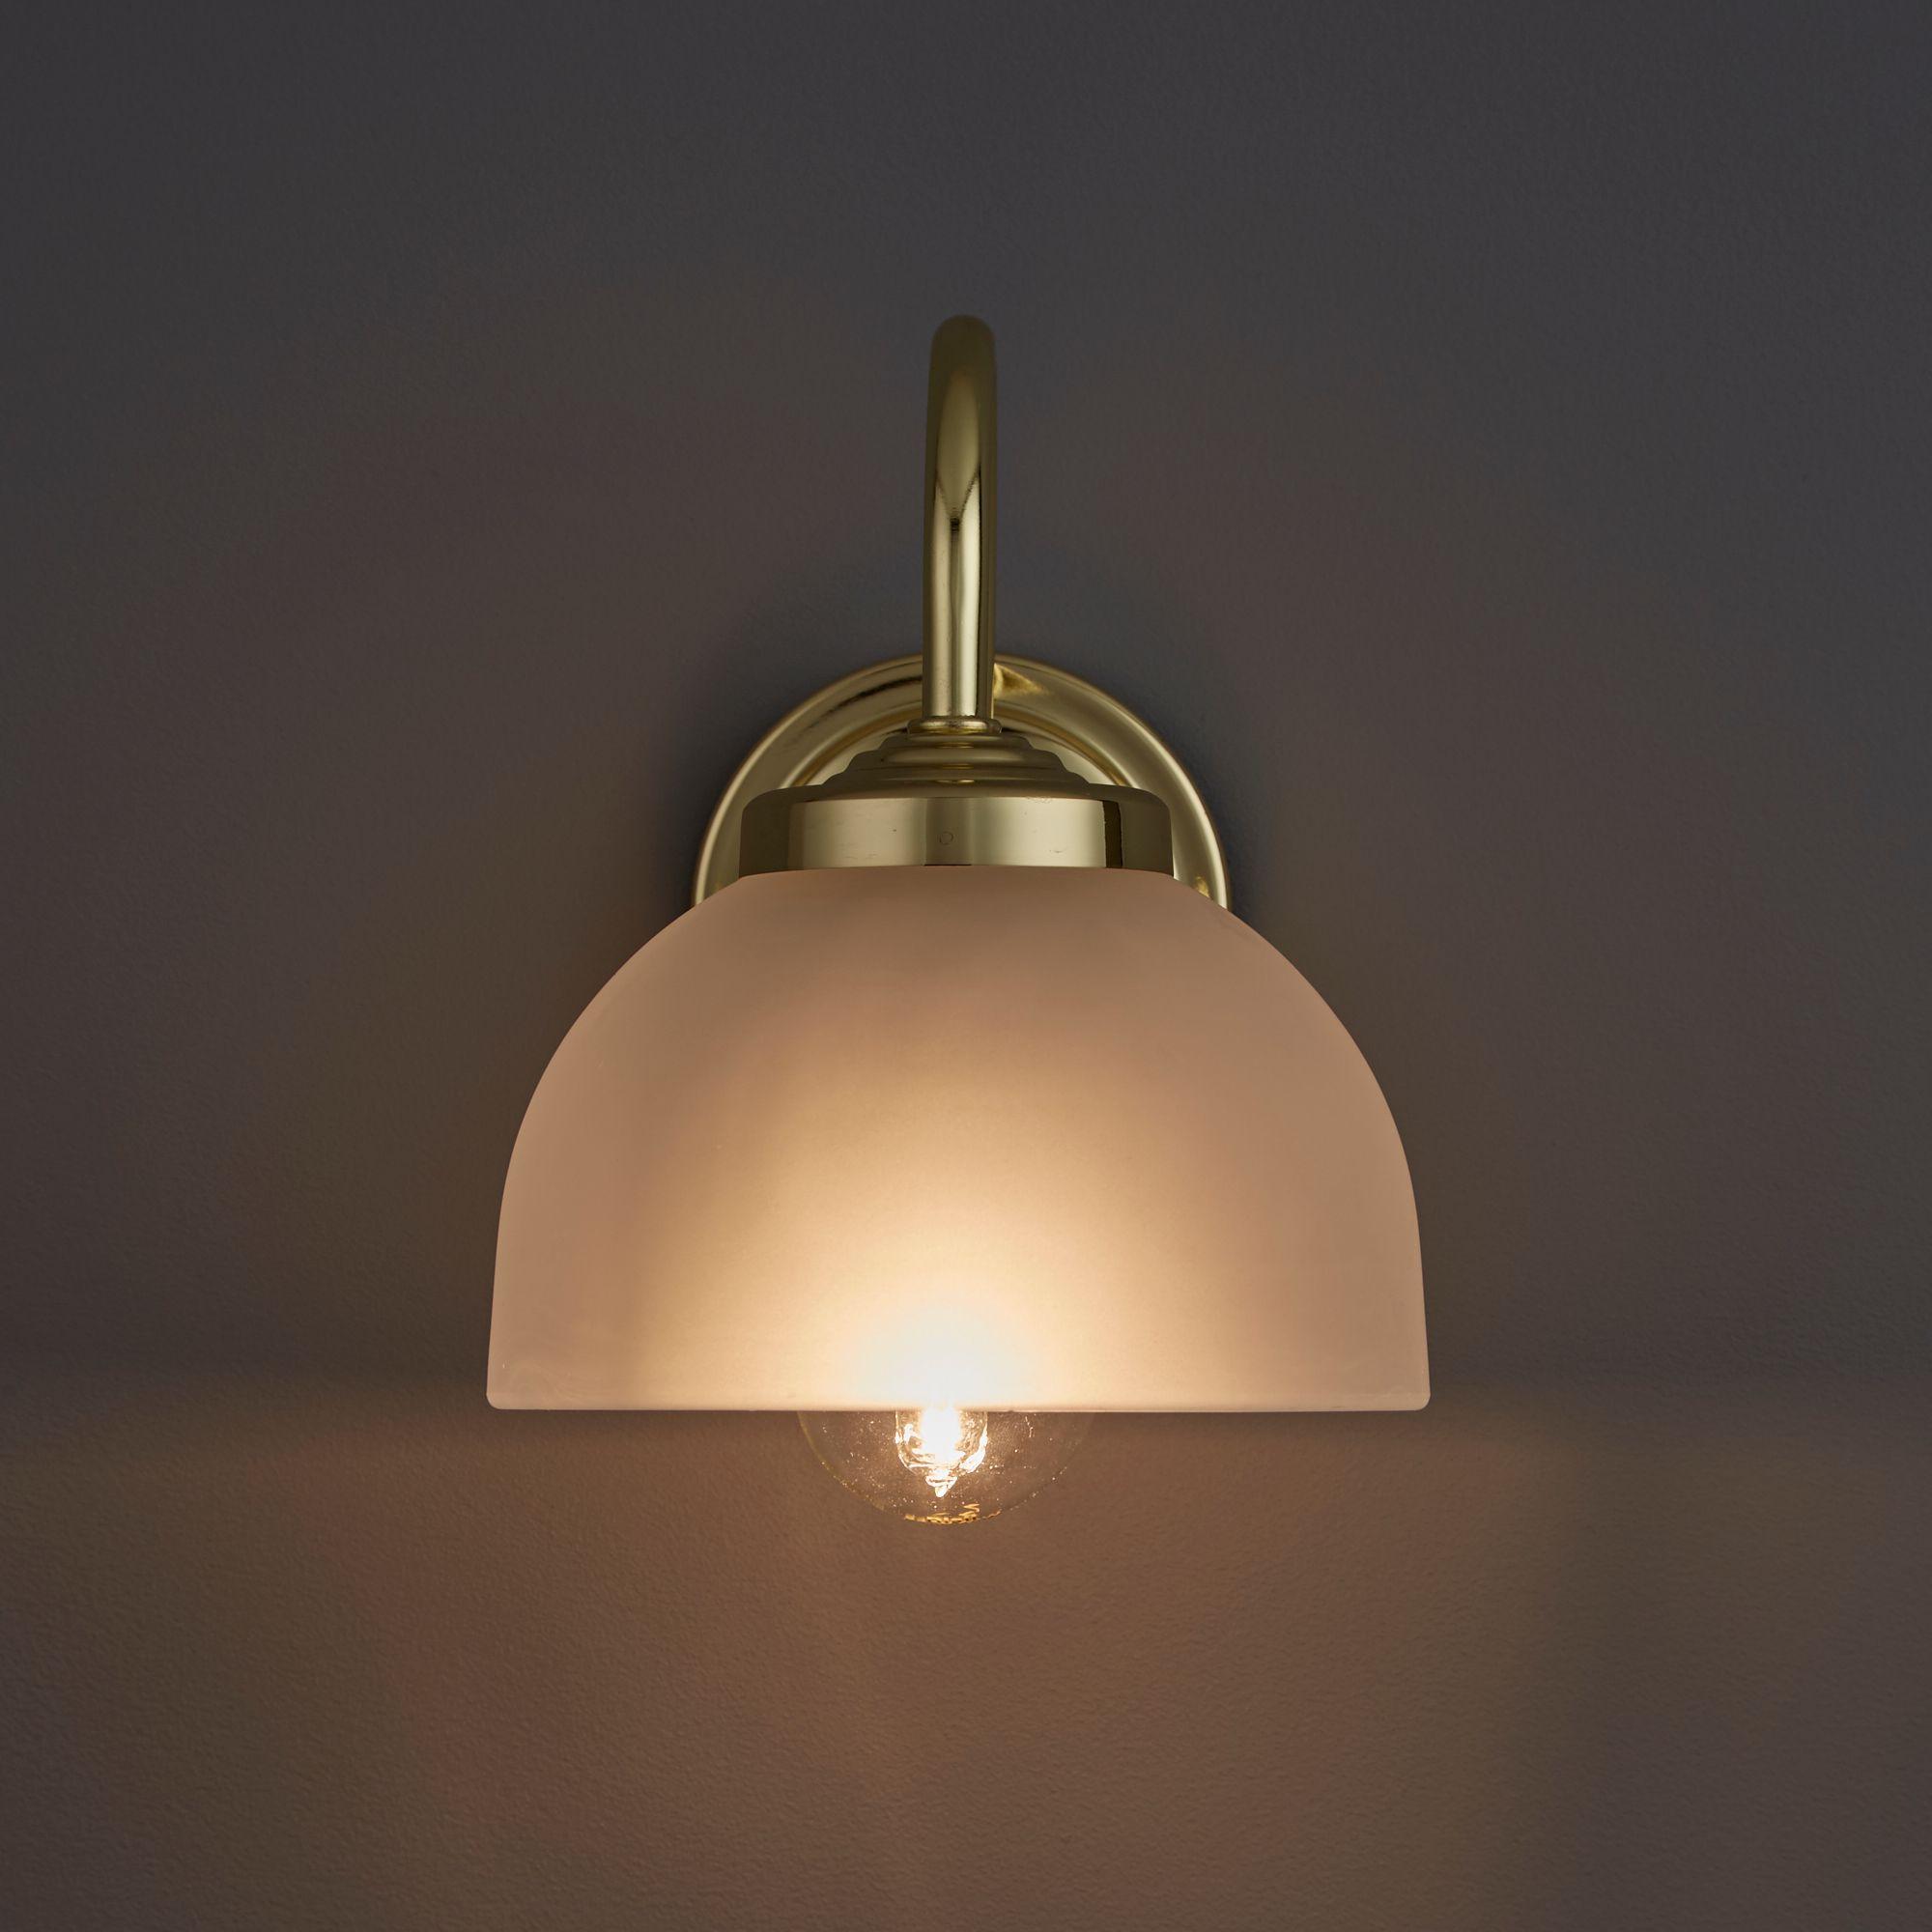 Grantchester Brass Effect Single Wall Light